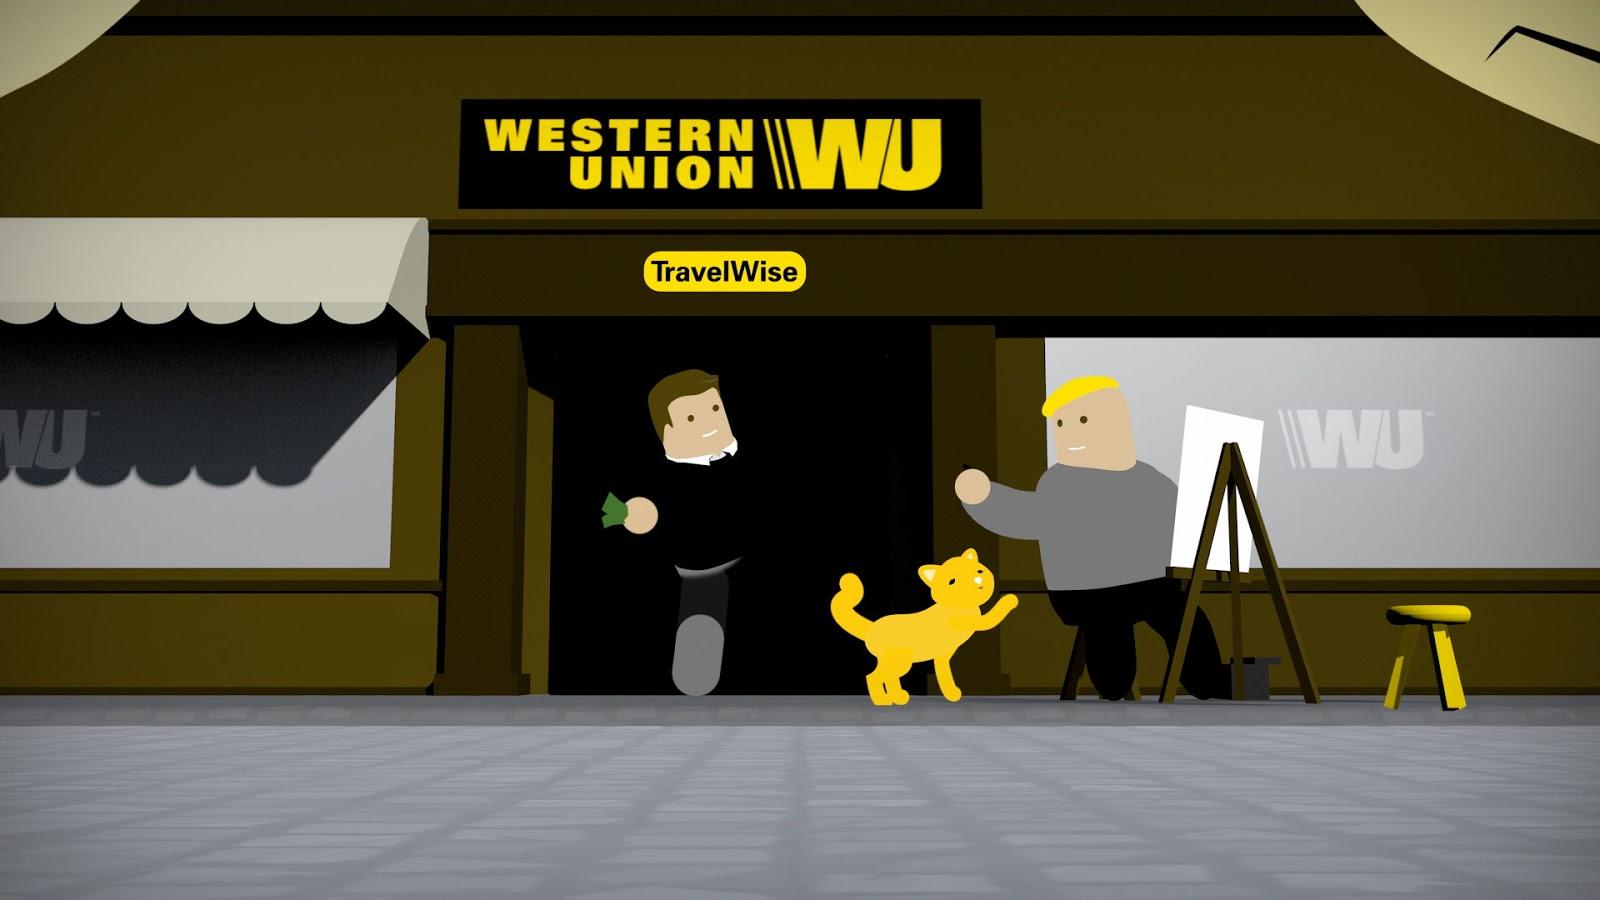 Western union - Western Union